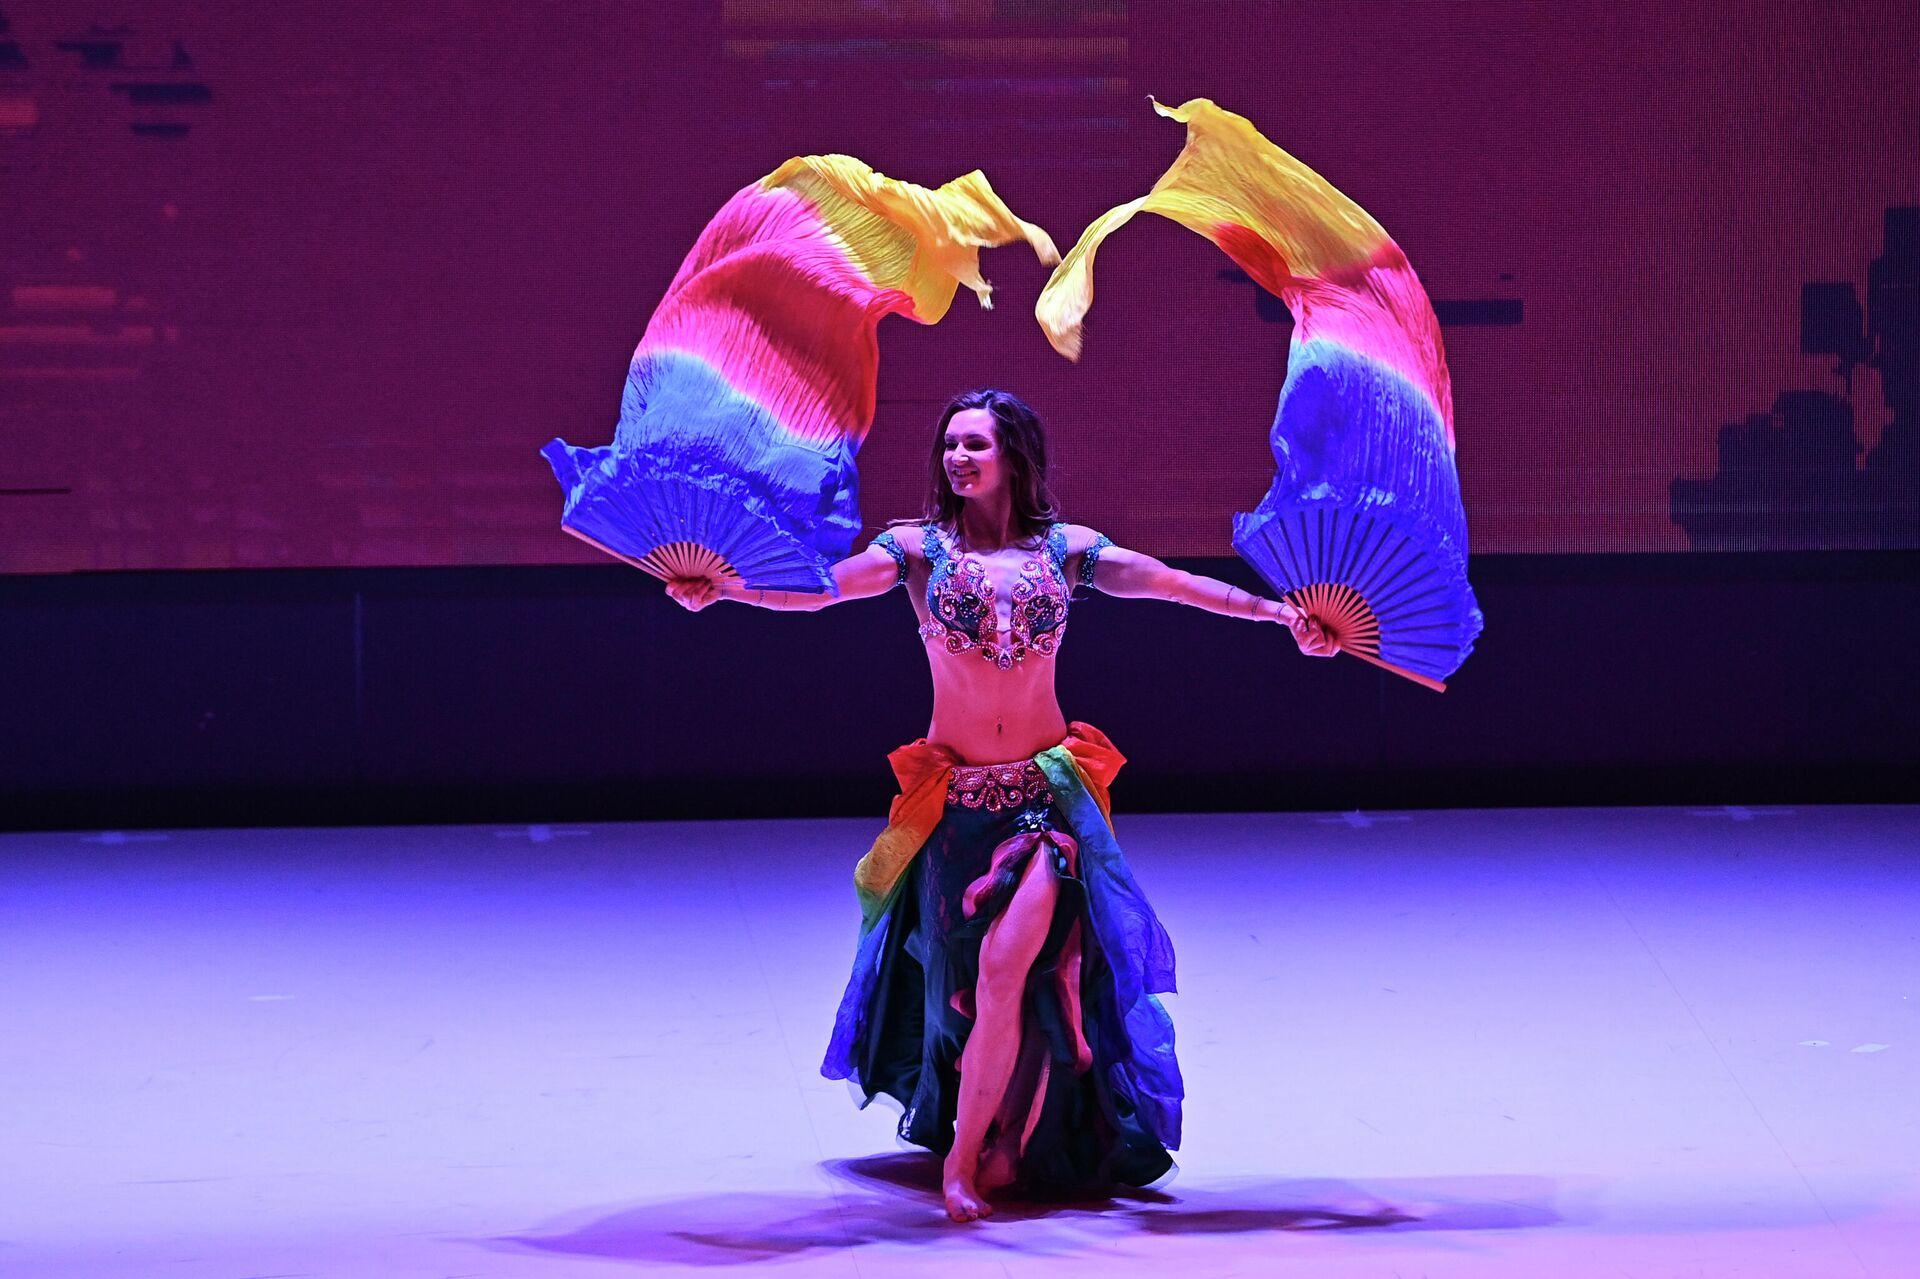 El final del concurso Miss Belleza de las Tropas Aerotransportadas 2021  - Sputnik Mundo, 1920, 05.03.2021